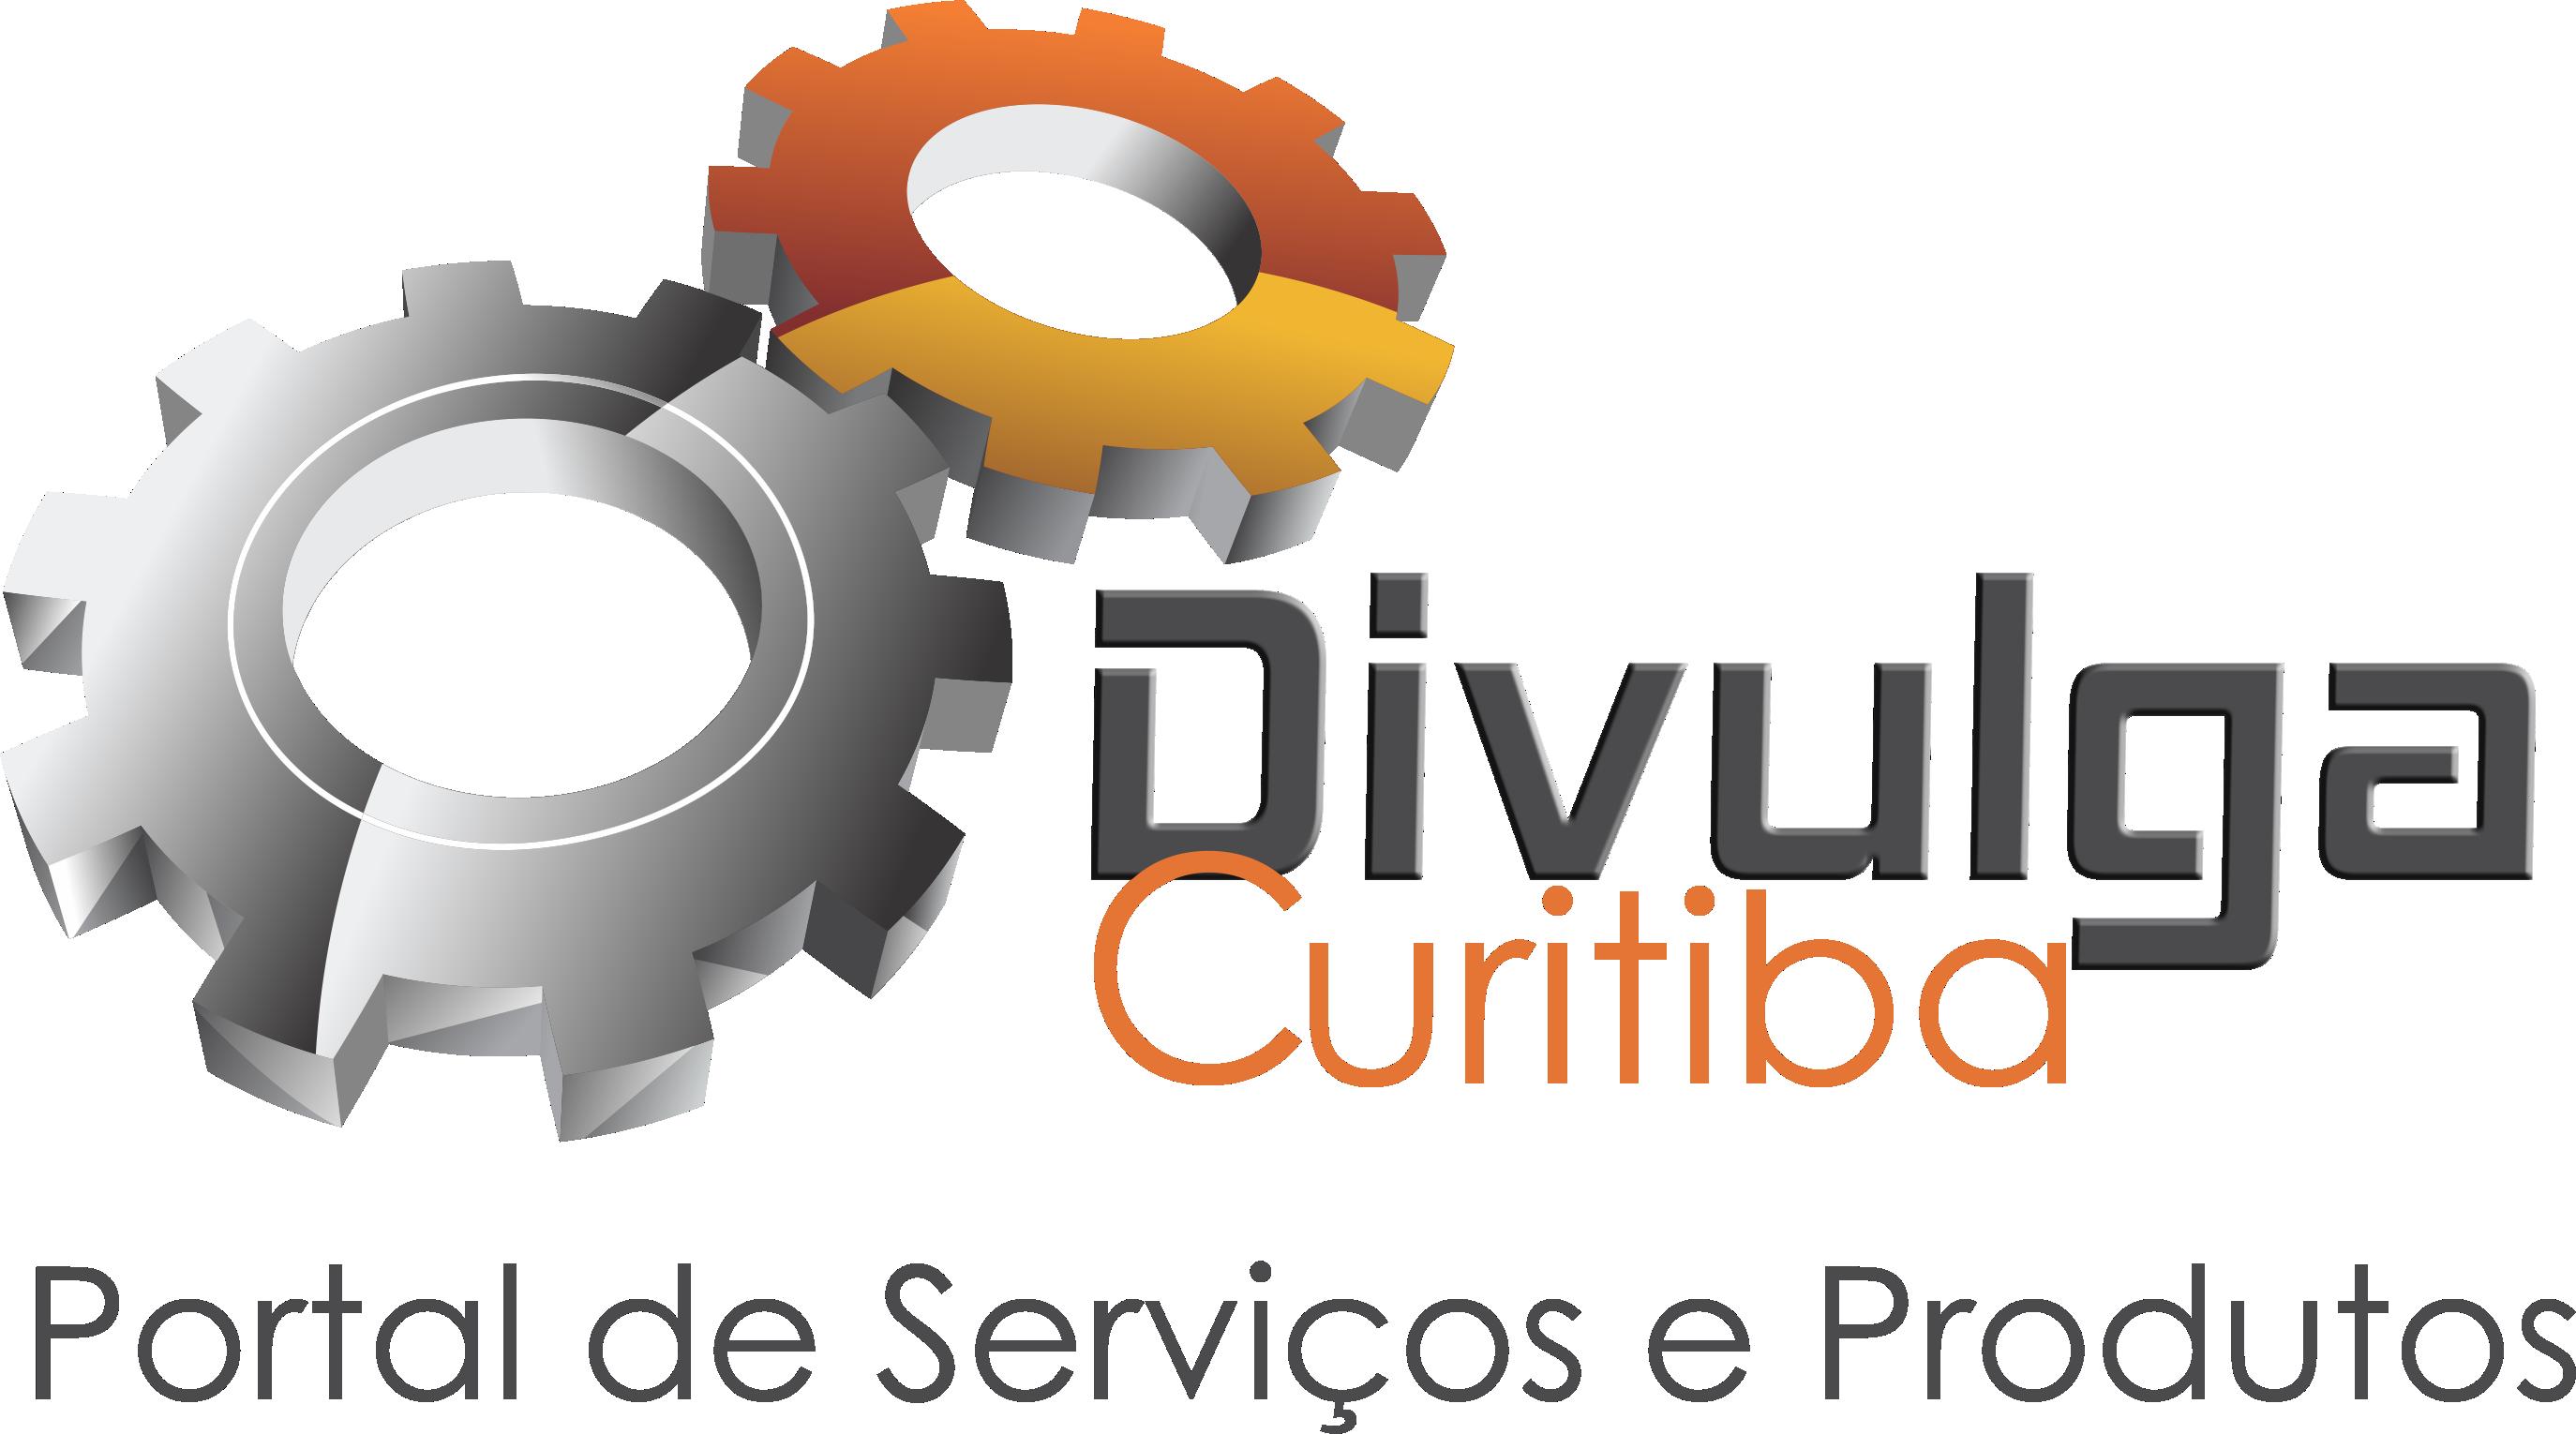 Divulga Curitiba – Portal de Serviços e Produtos